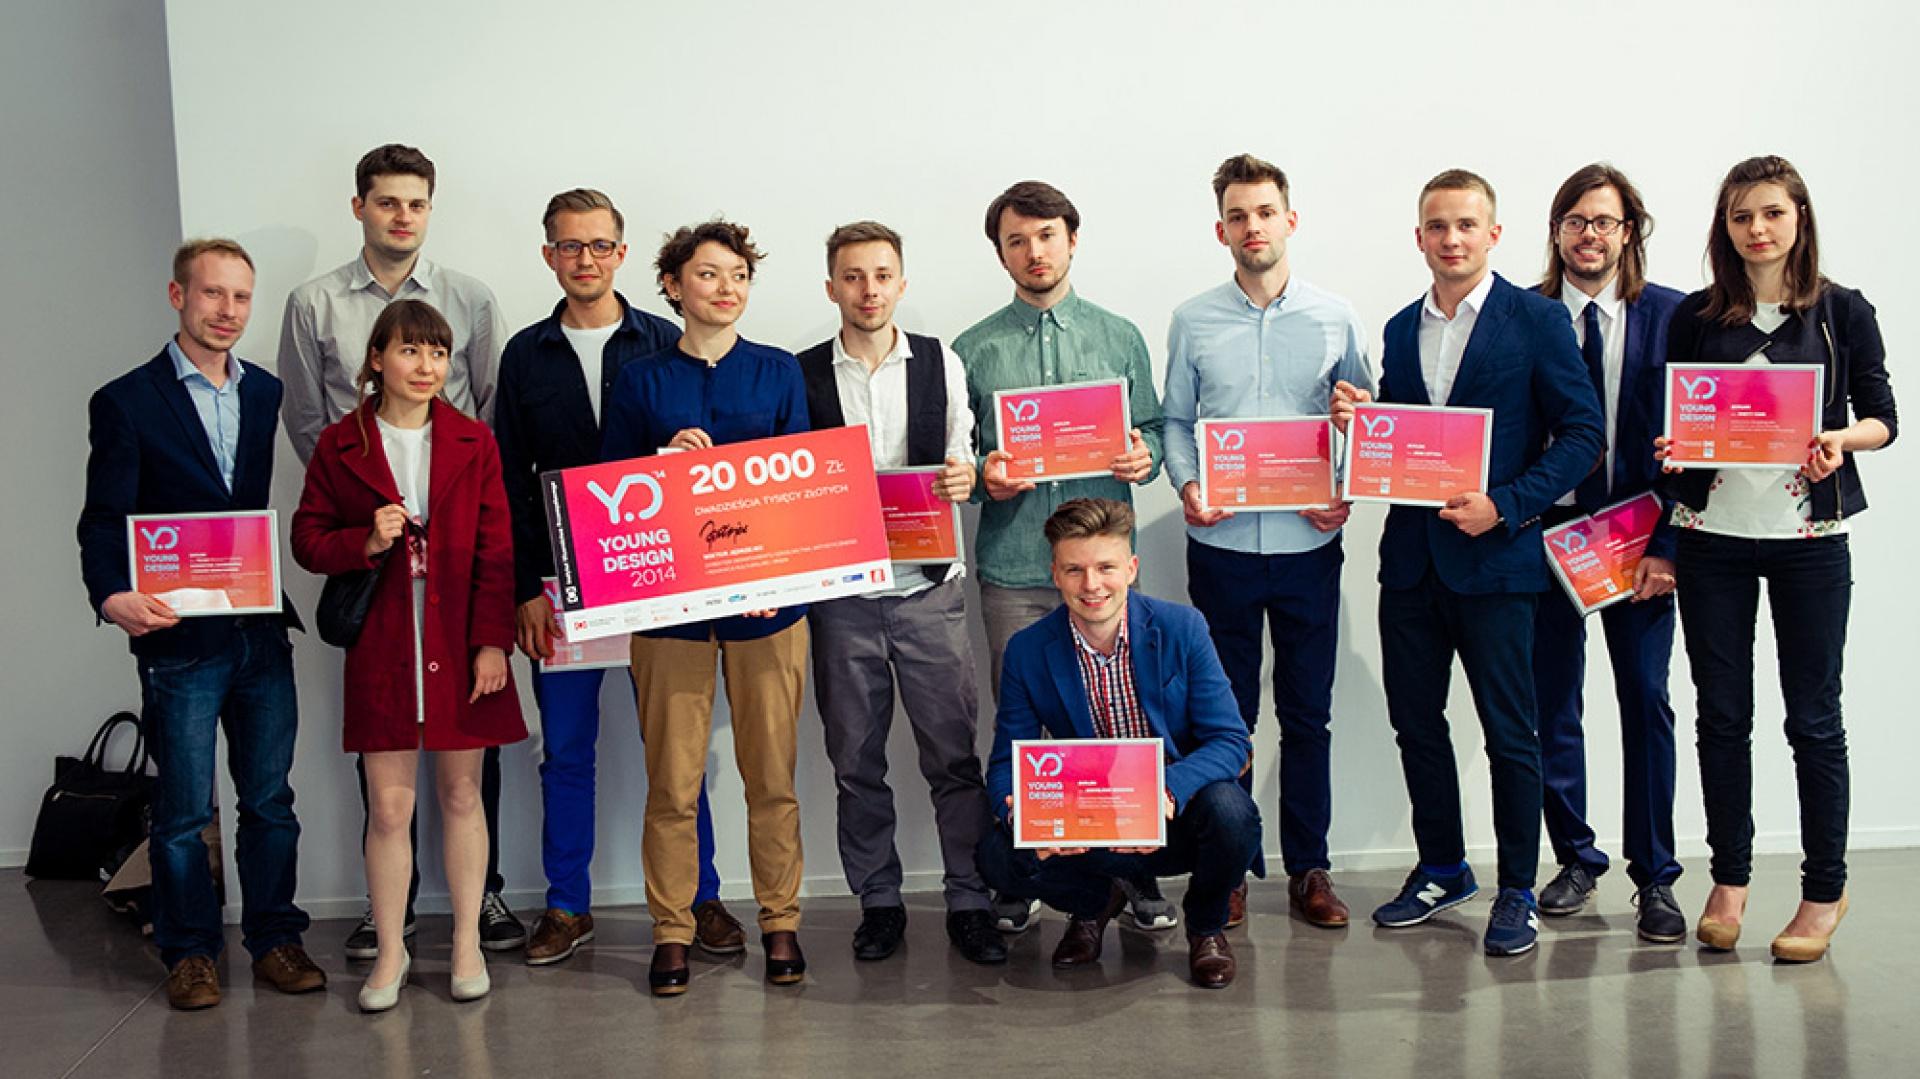 Młodzi projektanci, finaliści konkursu Young Design 2014.  Niektórzy z nich otrzymali możliwość współpracy lub szkoleń w znanych firmach. Propozycje odbycia stażu otrzymali dwaj finaliści - Łukasz Paszkowski w firmie FLOWAIR, a Sylwester Szymański w NOTI. Fot. Patrycja Mic/IWP